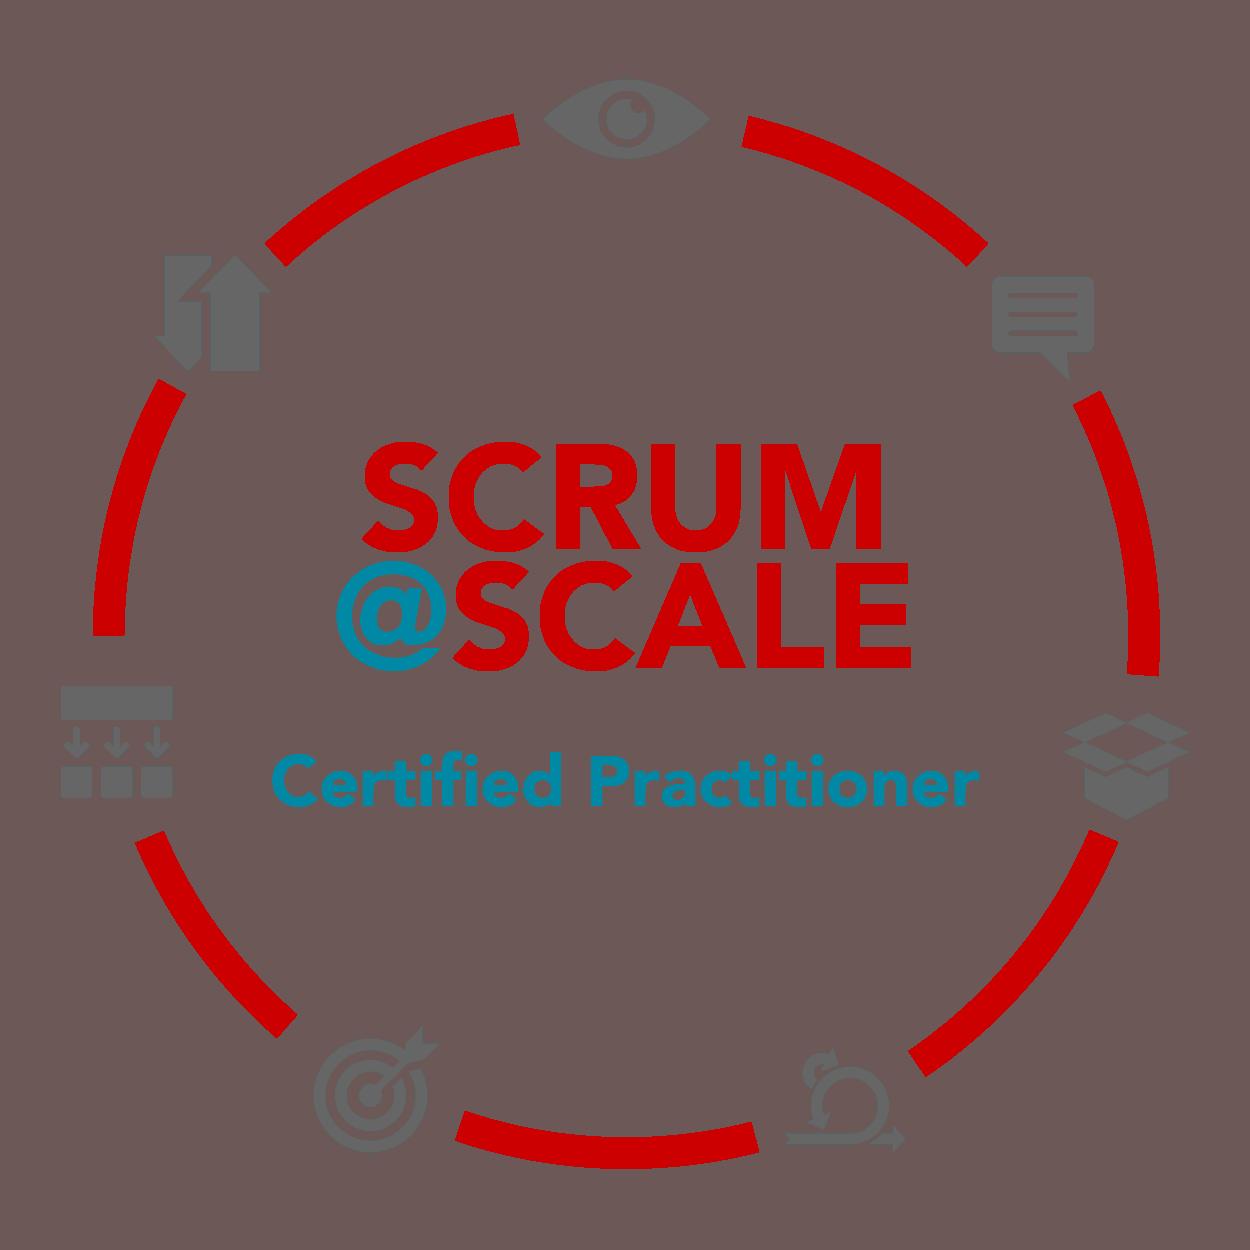 scrum at scale training, agile training